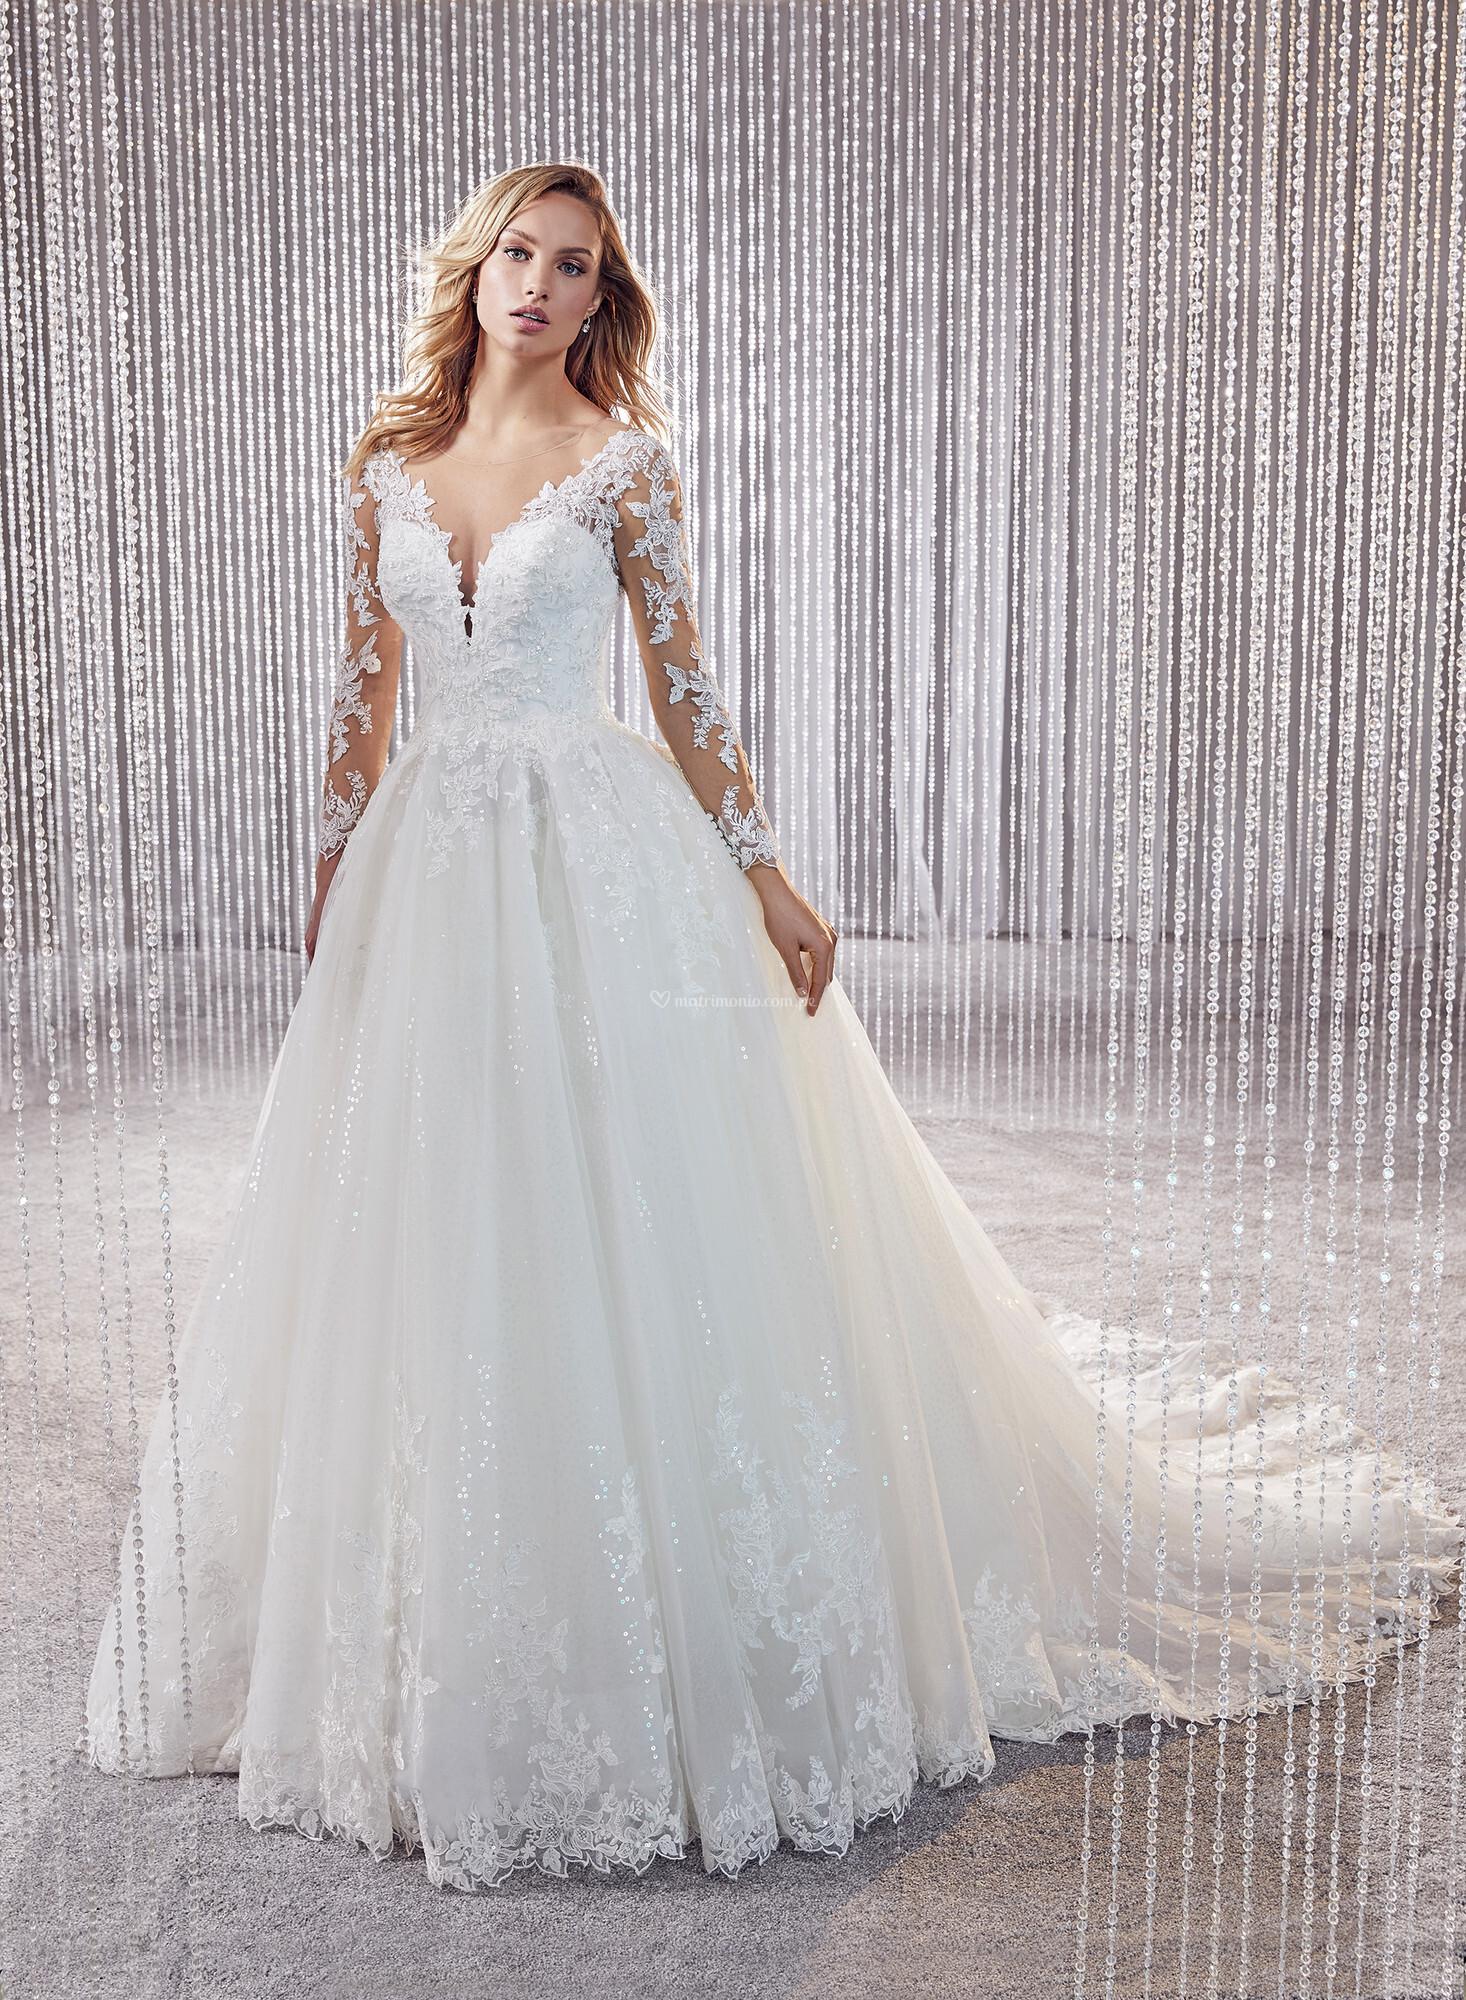 Vestidos corte princesa 2020 16